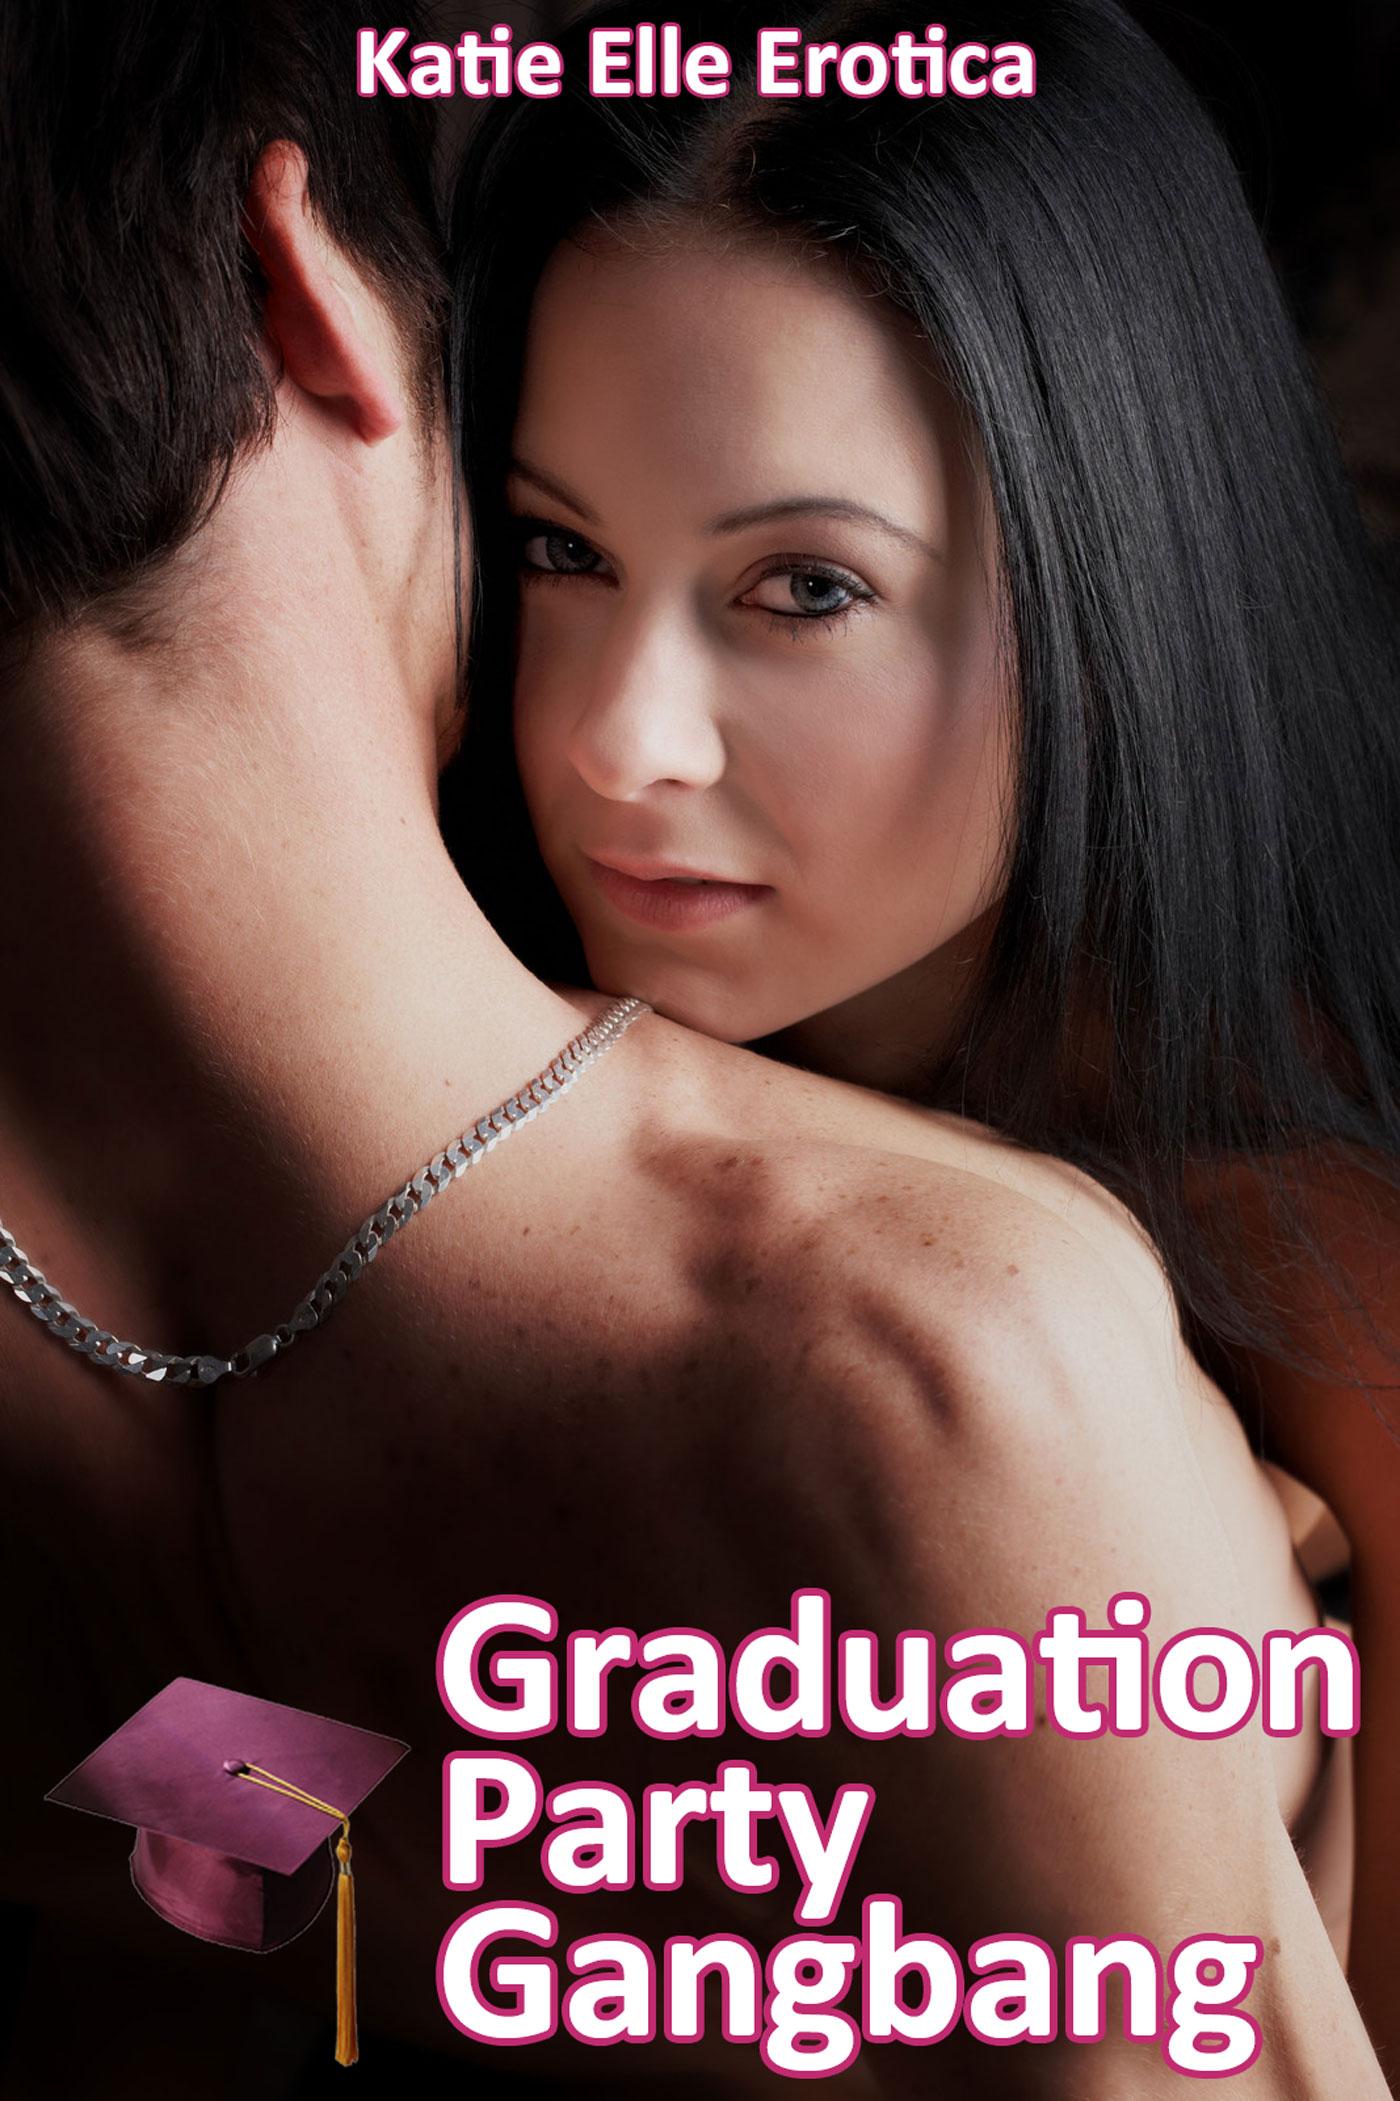 Katie Elle - Graduation Party Gangbang